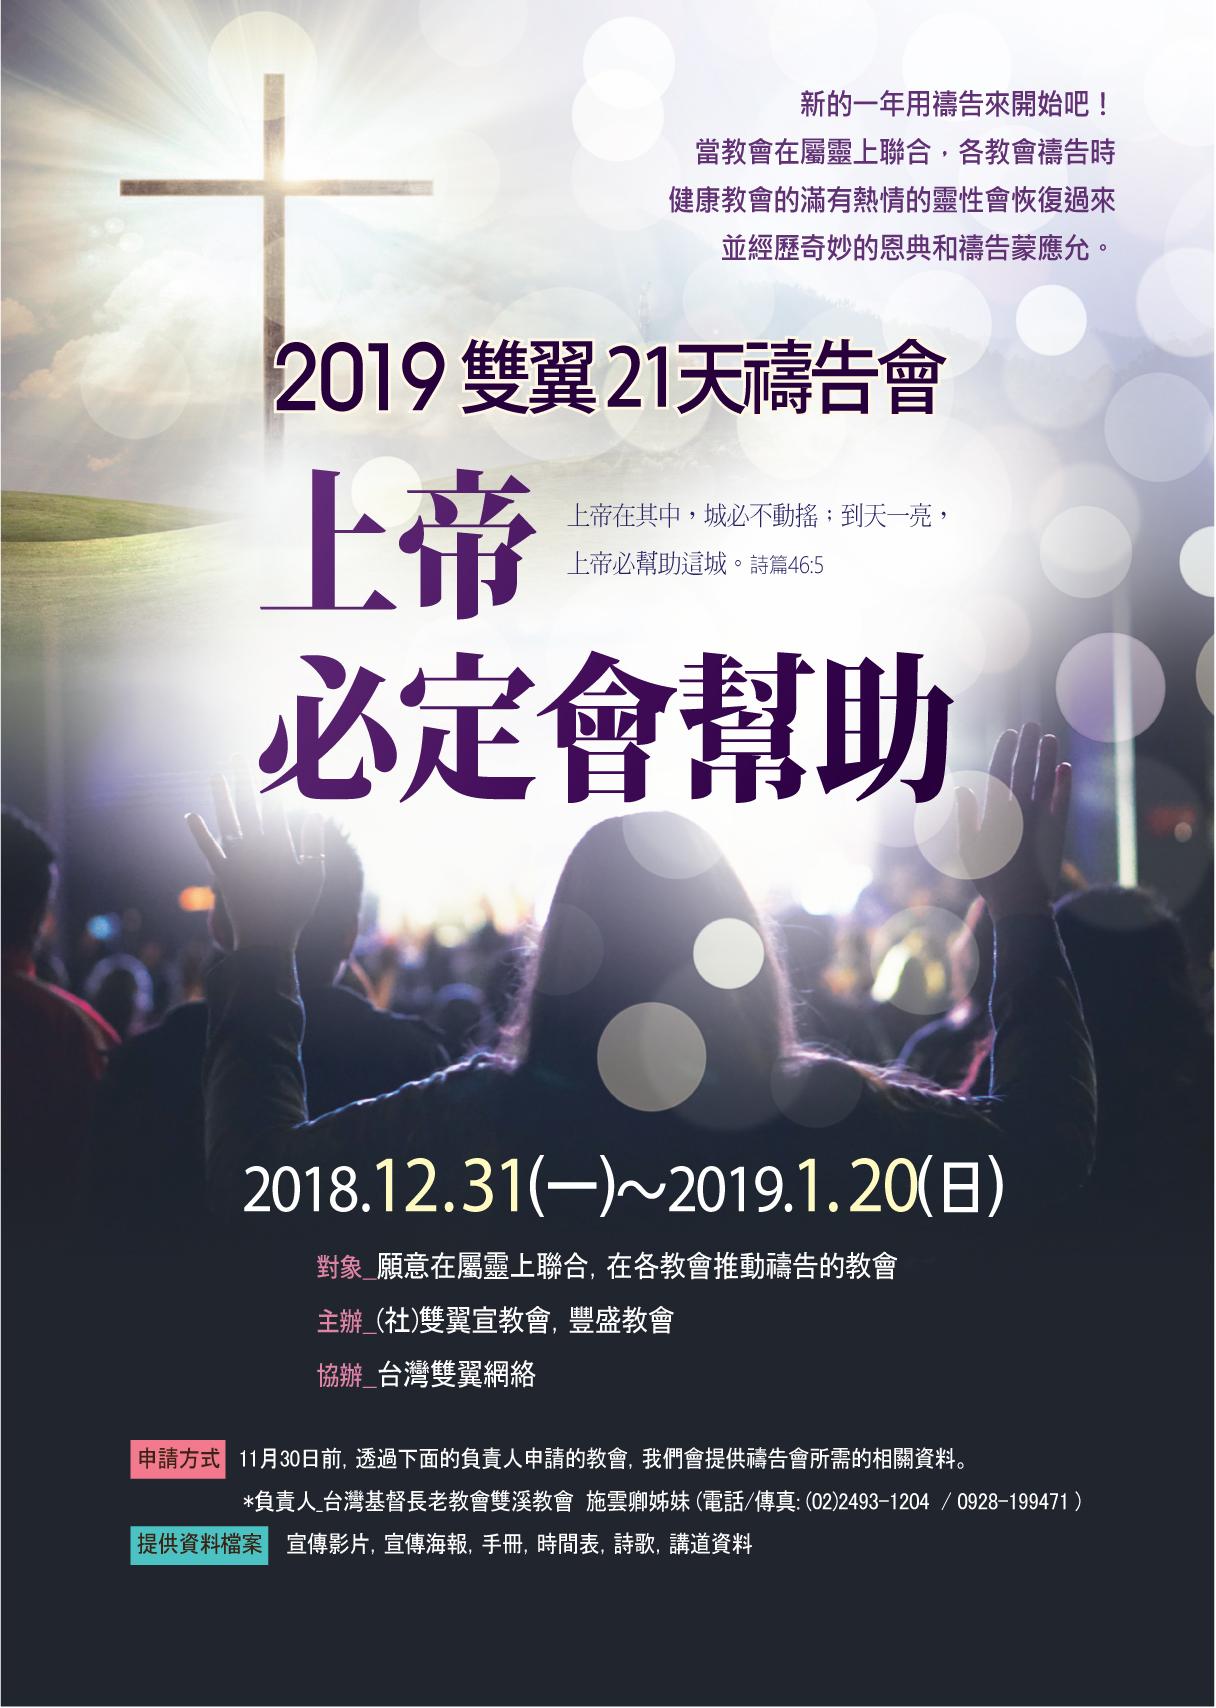 181021-2019세이레_포스터_중국어